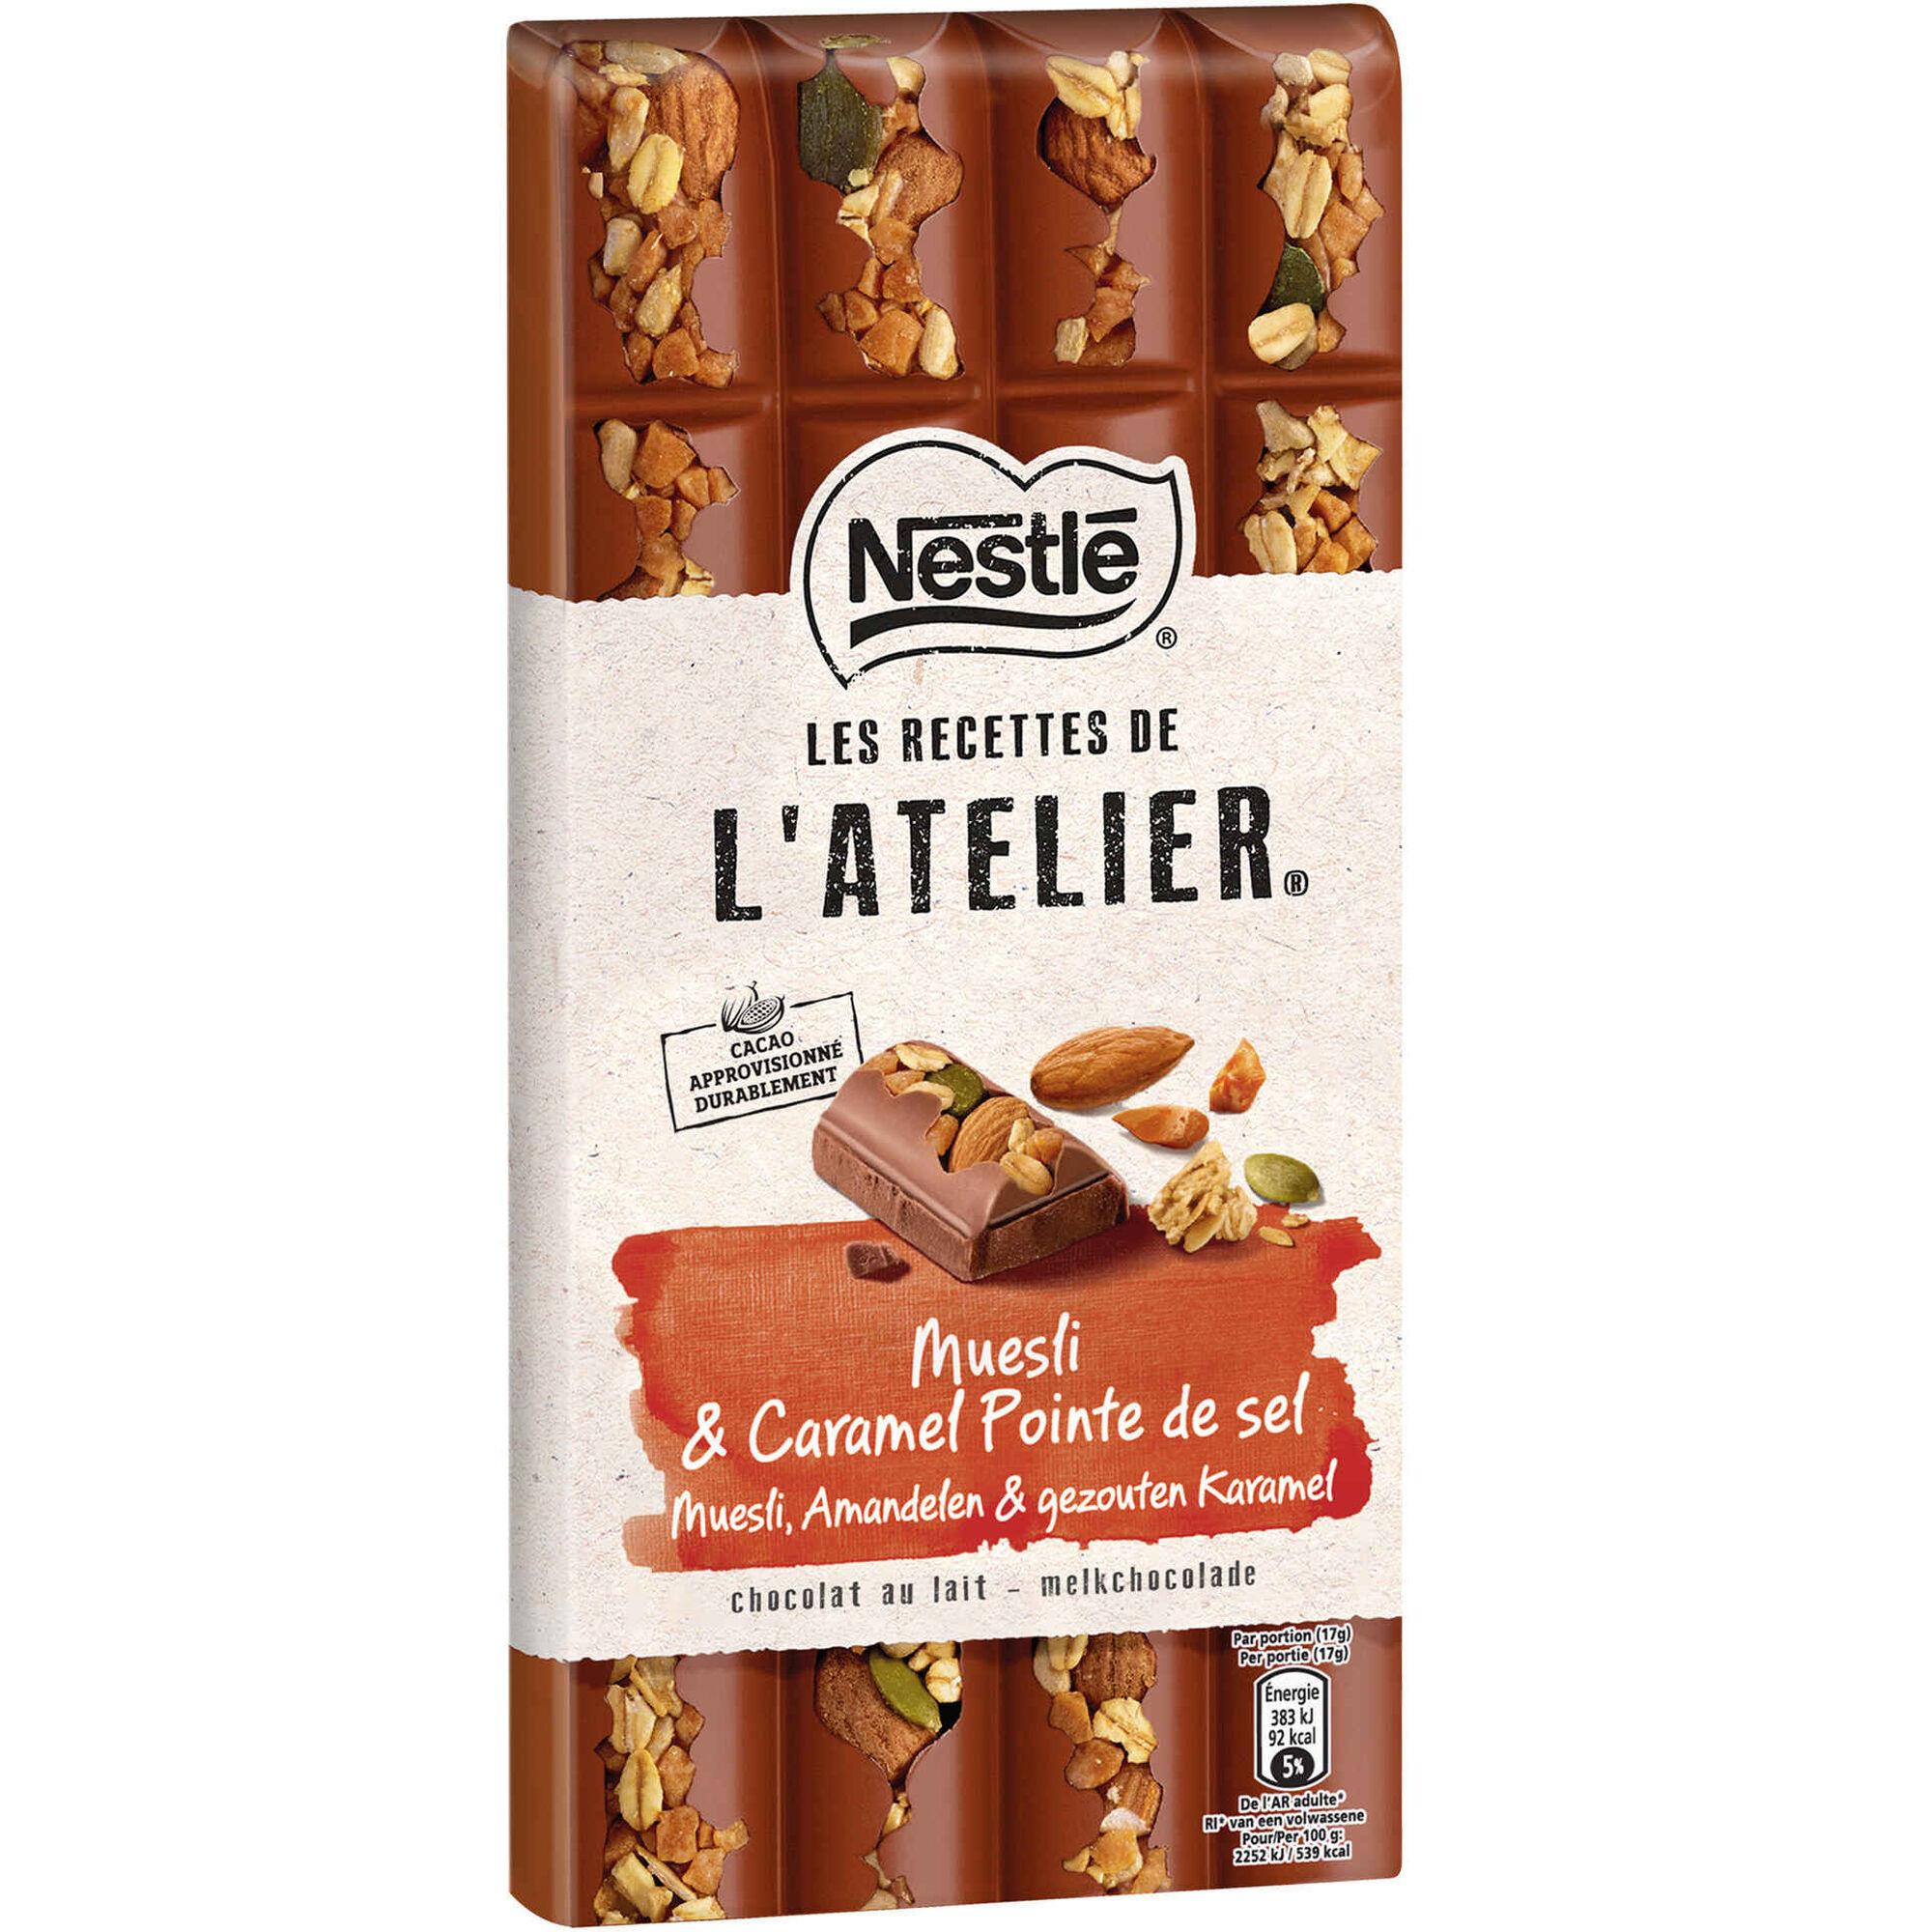 Tablete de Chocolate Negro com Muesli, Caramelo e Sal Les Recettes de L'Atelier